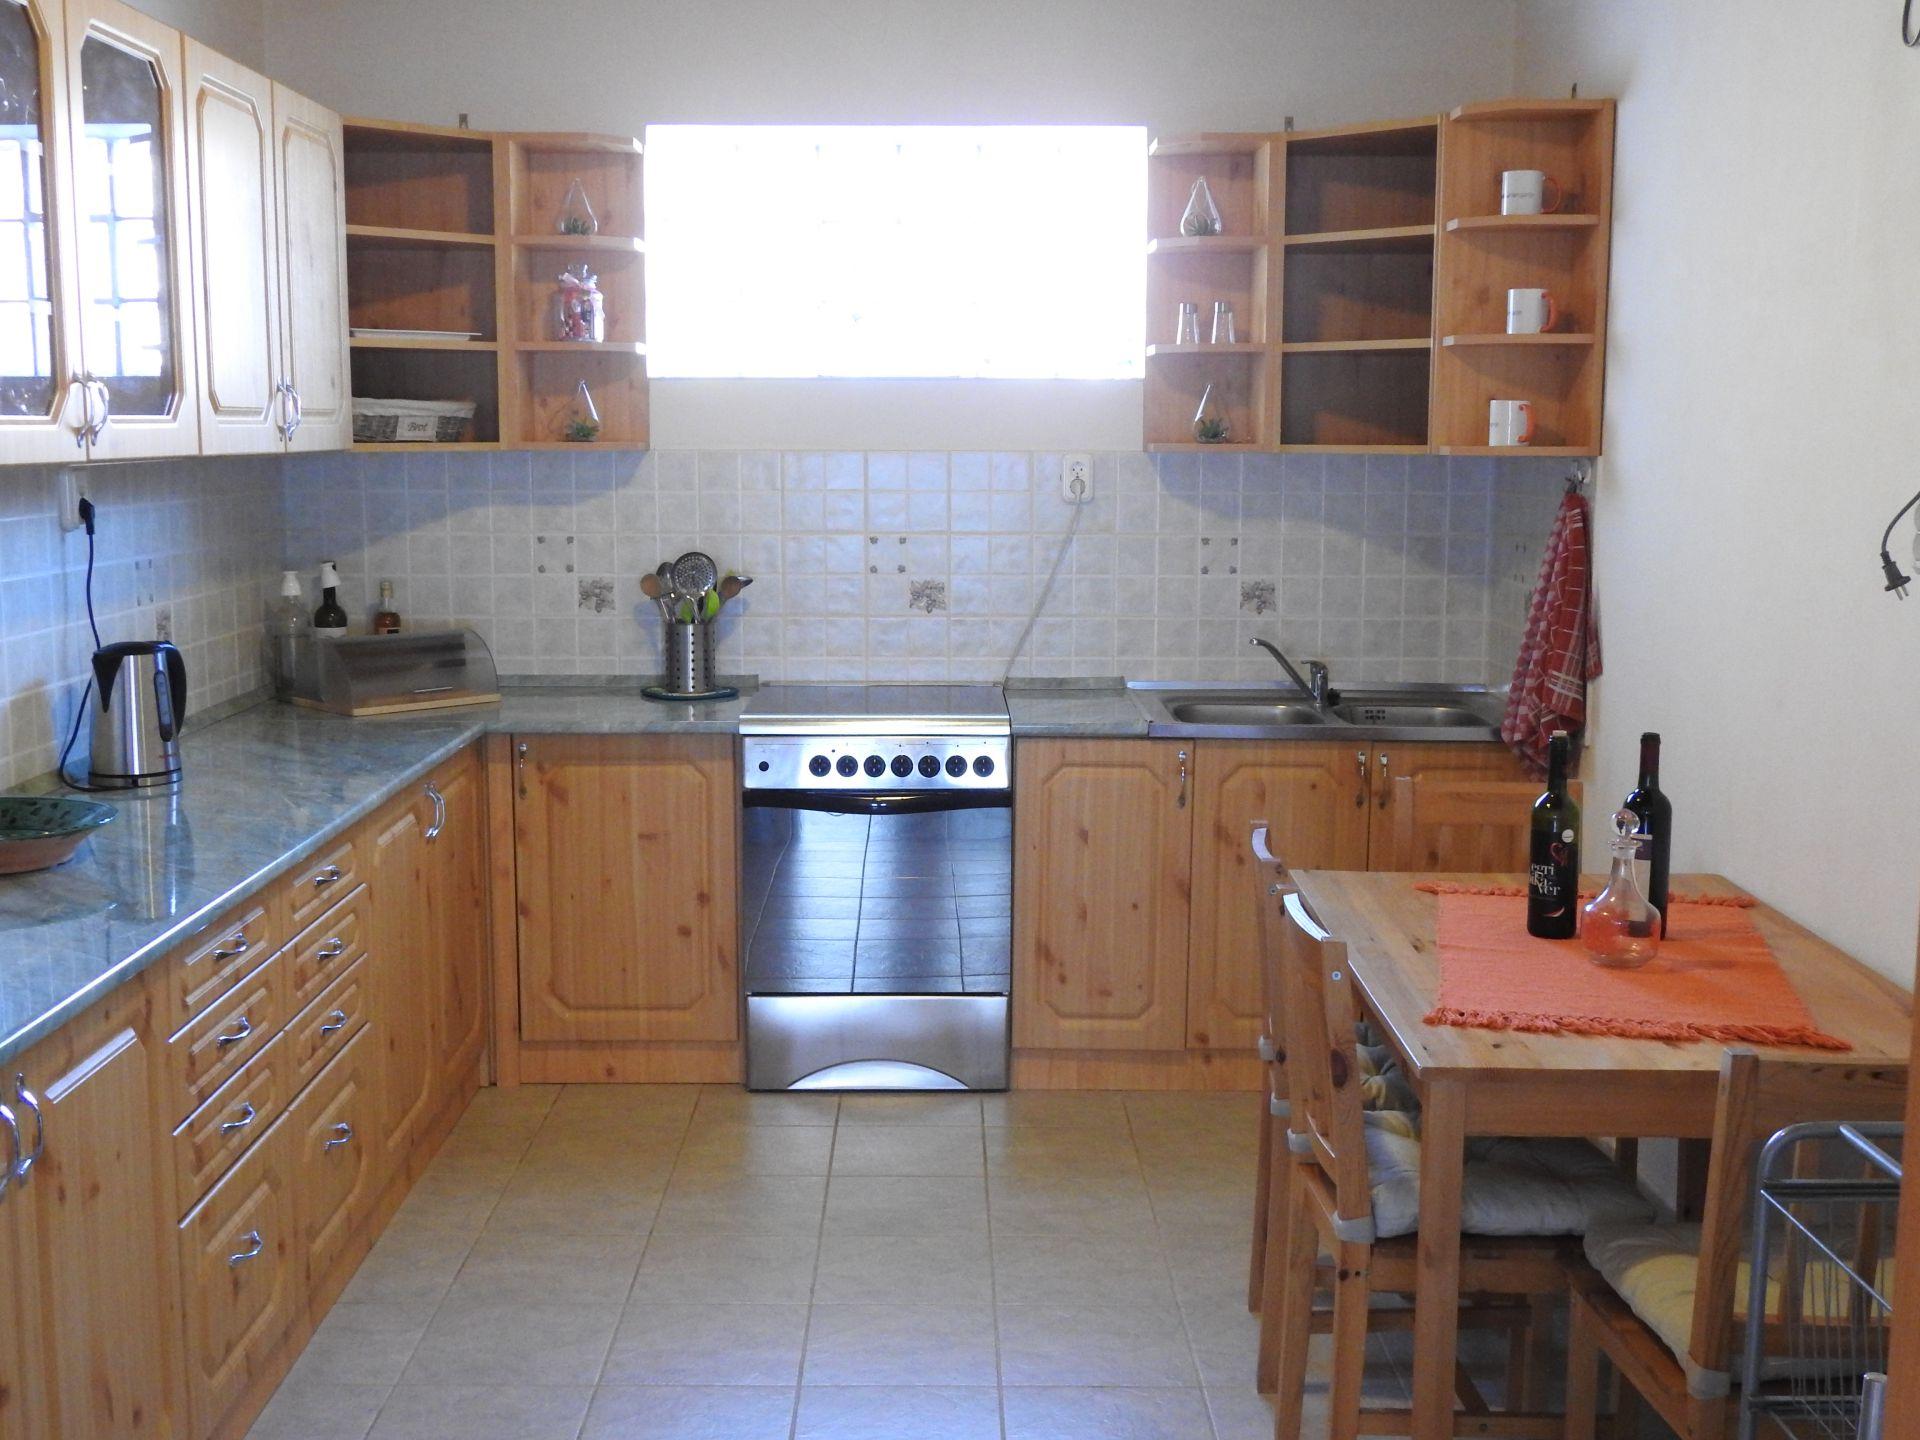 keuken 2 Vakantie Woning Hongarije